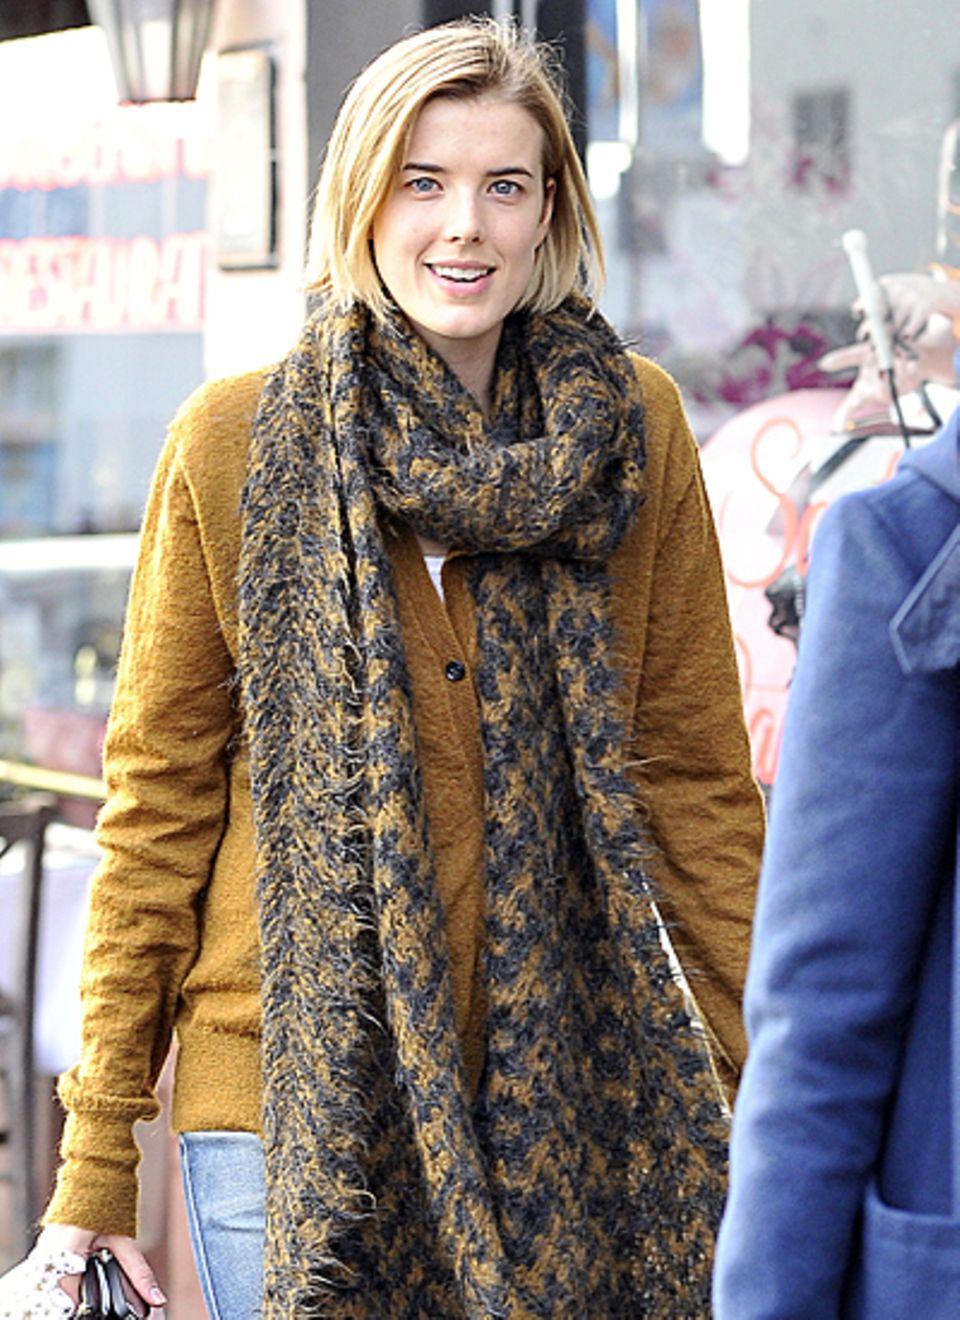 Model Agyness Deyn kuschelt sich in einen  Cardigan. Farblich passend dazu wird ein langer Schal kombiniert.